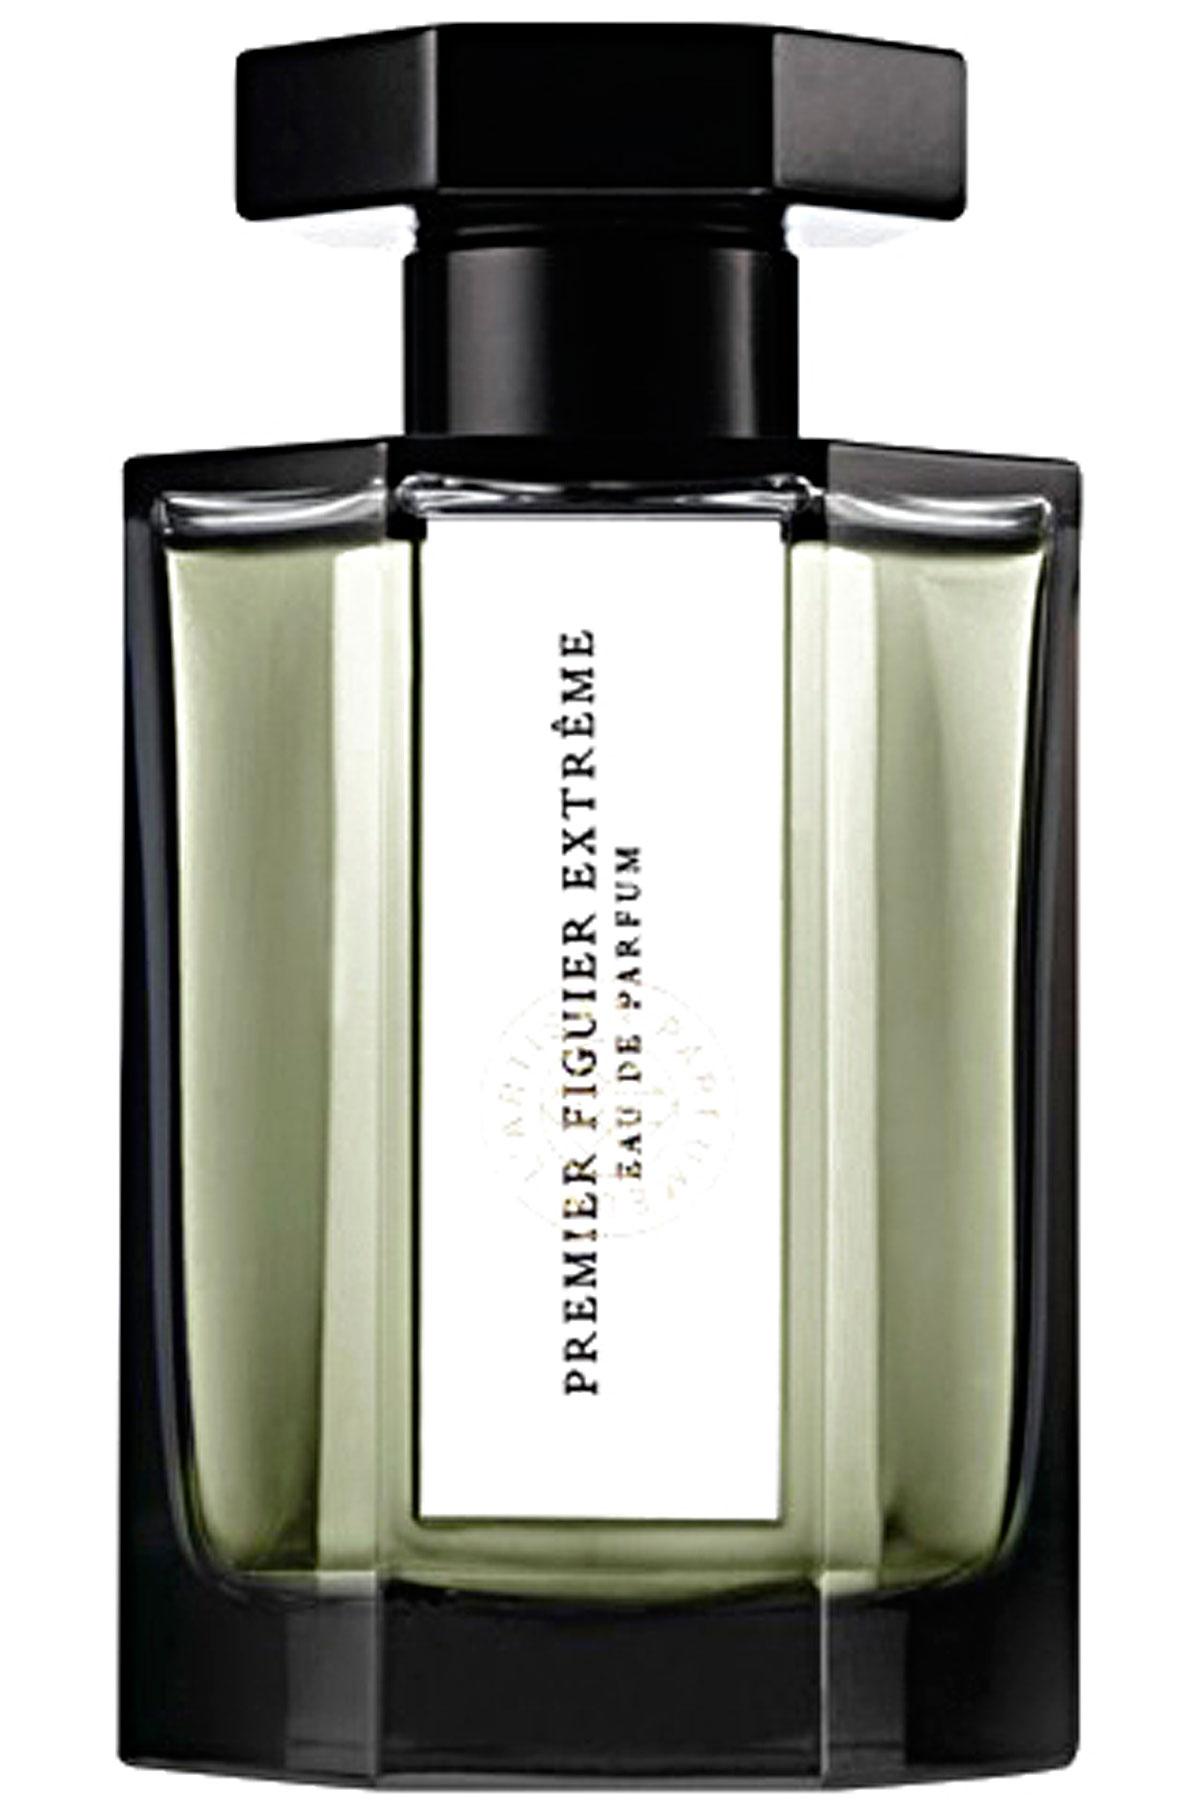 Artisan Parfumeur Fragrances for Women, Premier Figuier Extreme - Eau De Parfum - 100 Ml, 2019, 100 ml